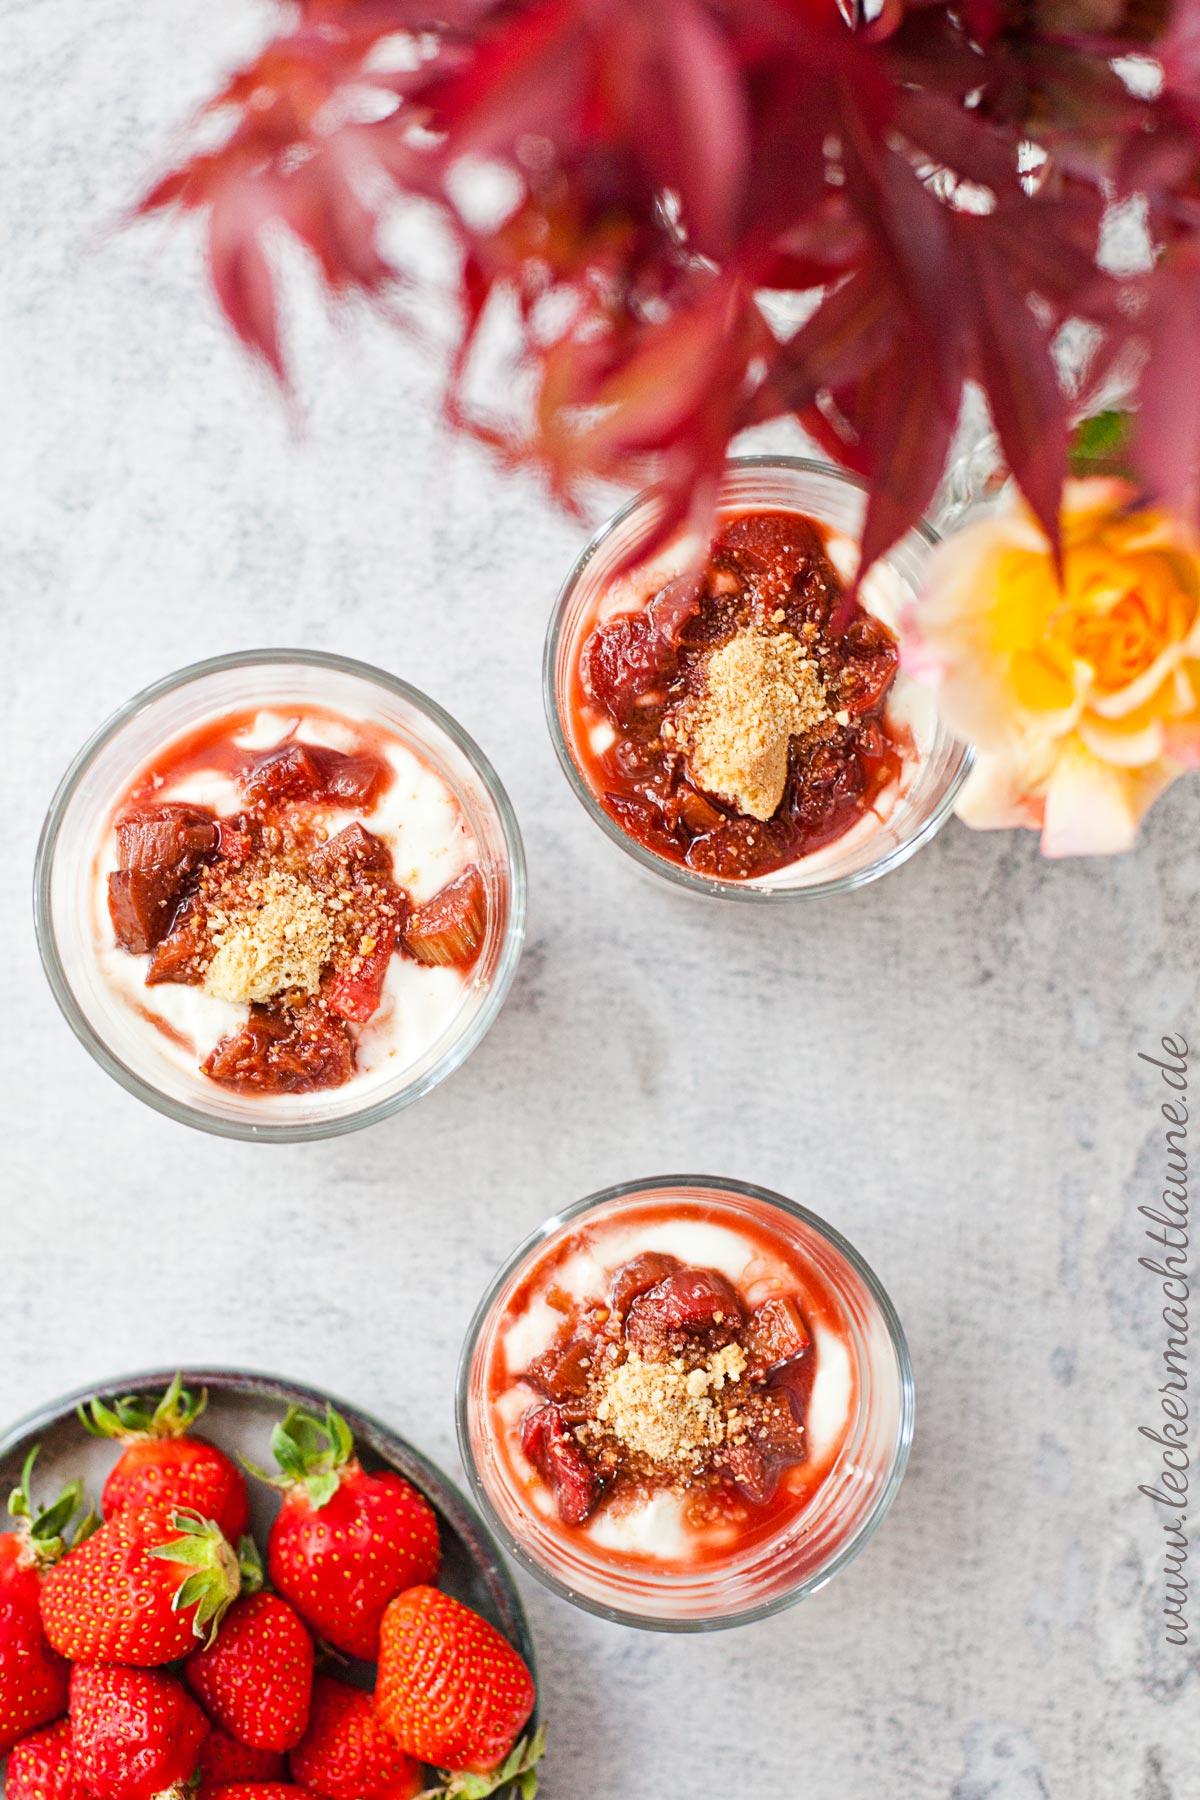 cremiges erdbeer rhabarber dessert einfach schnell lecker macht laune. Black Bedroom Furniture Sets. Home Design Ideas